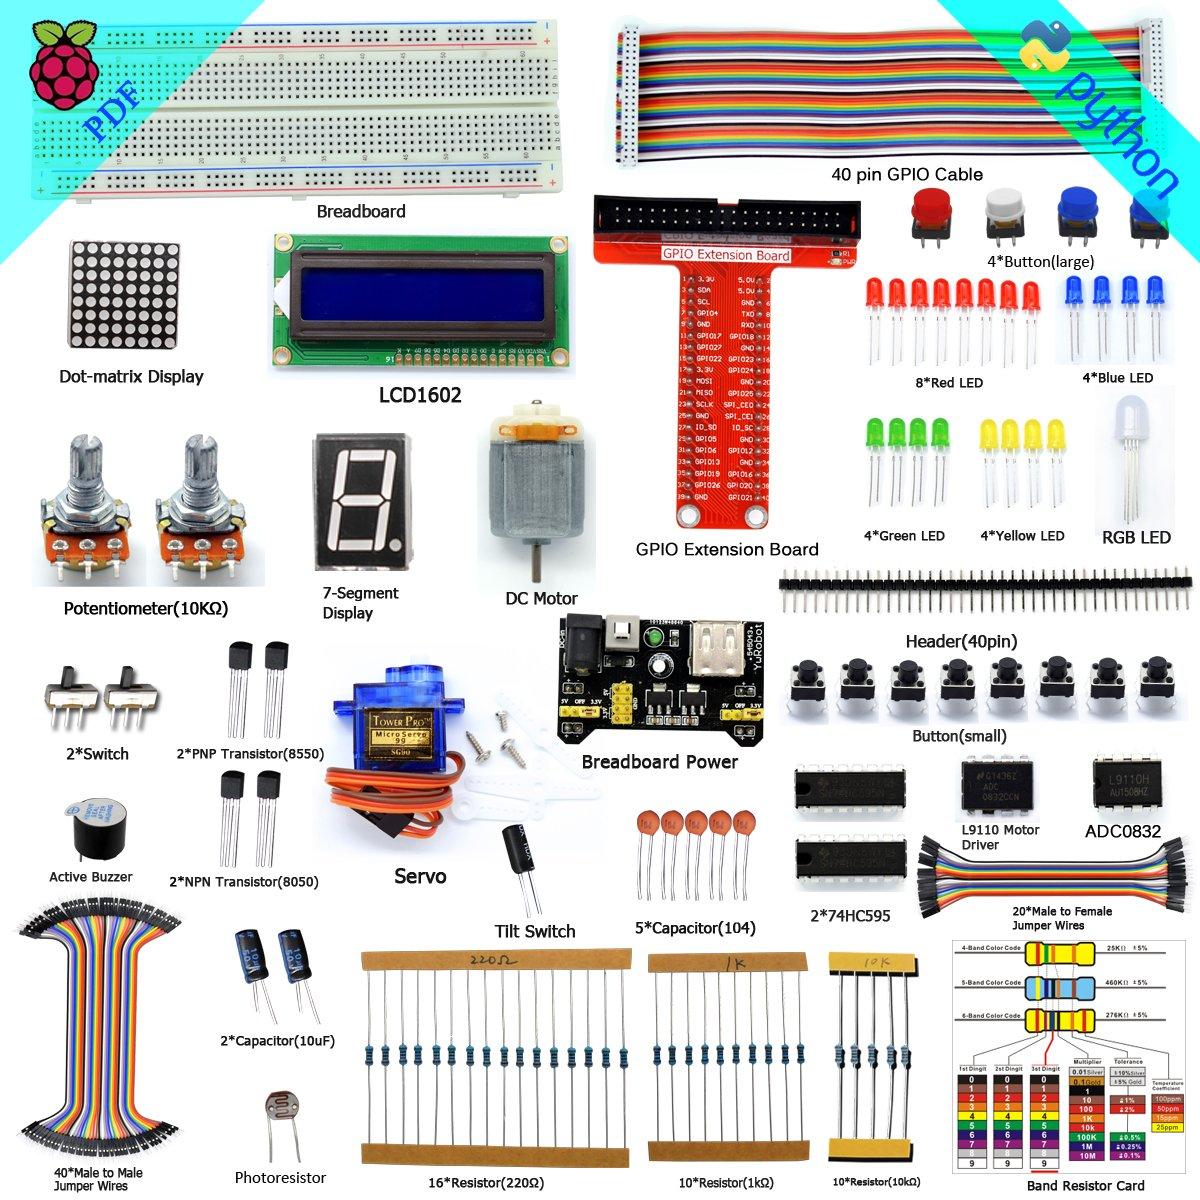 Adeept Super Starter Kit for Raspberry Pi 3, 2 Model B/B+, LCD1602, Servo, Motor, C and Python Code, Beginner/Starter Kit with User Manual/Guidebook ADR002